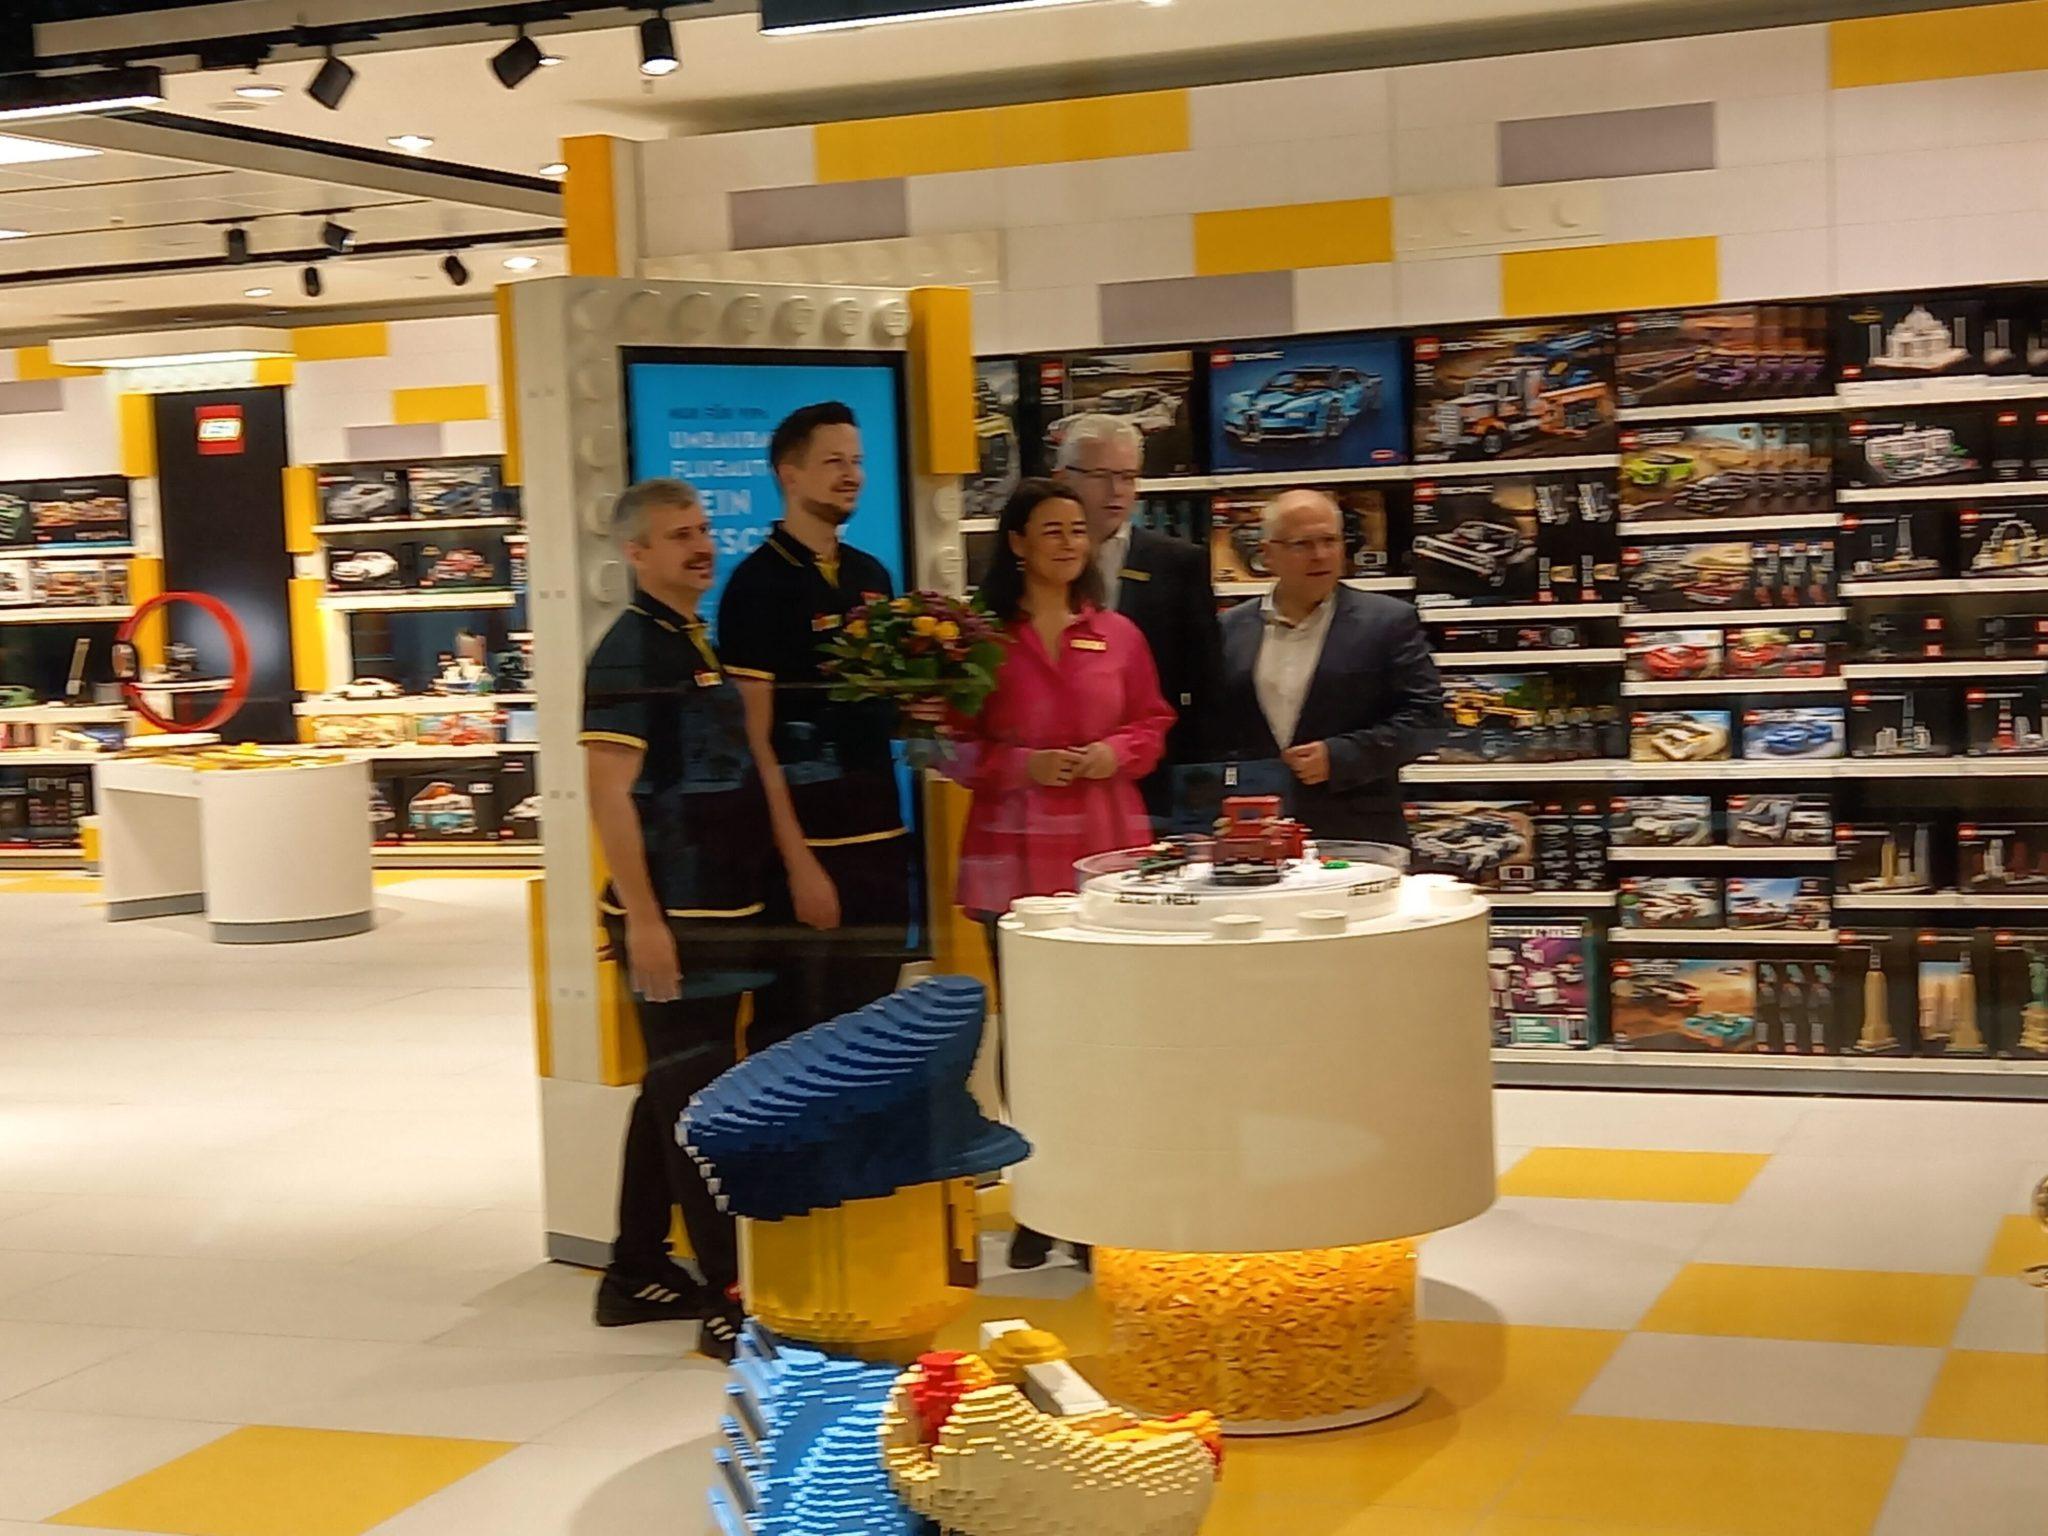 LEGO Store Dresden Eroeffnung (6)